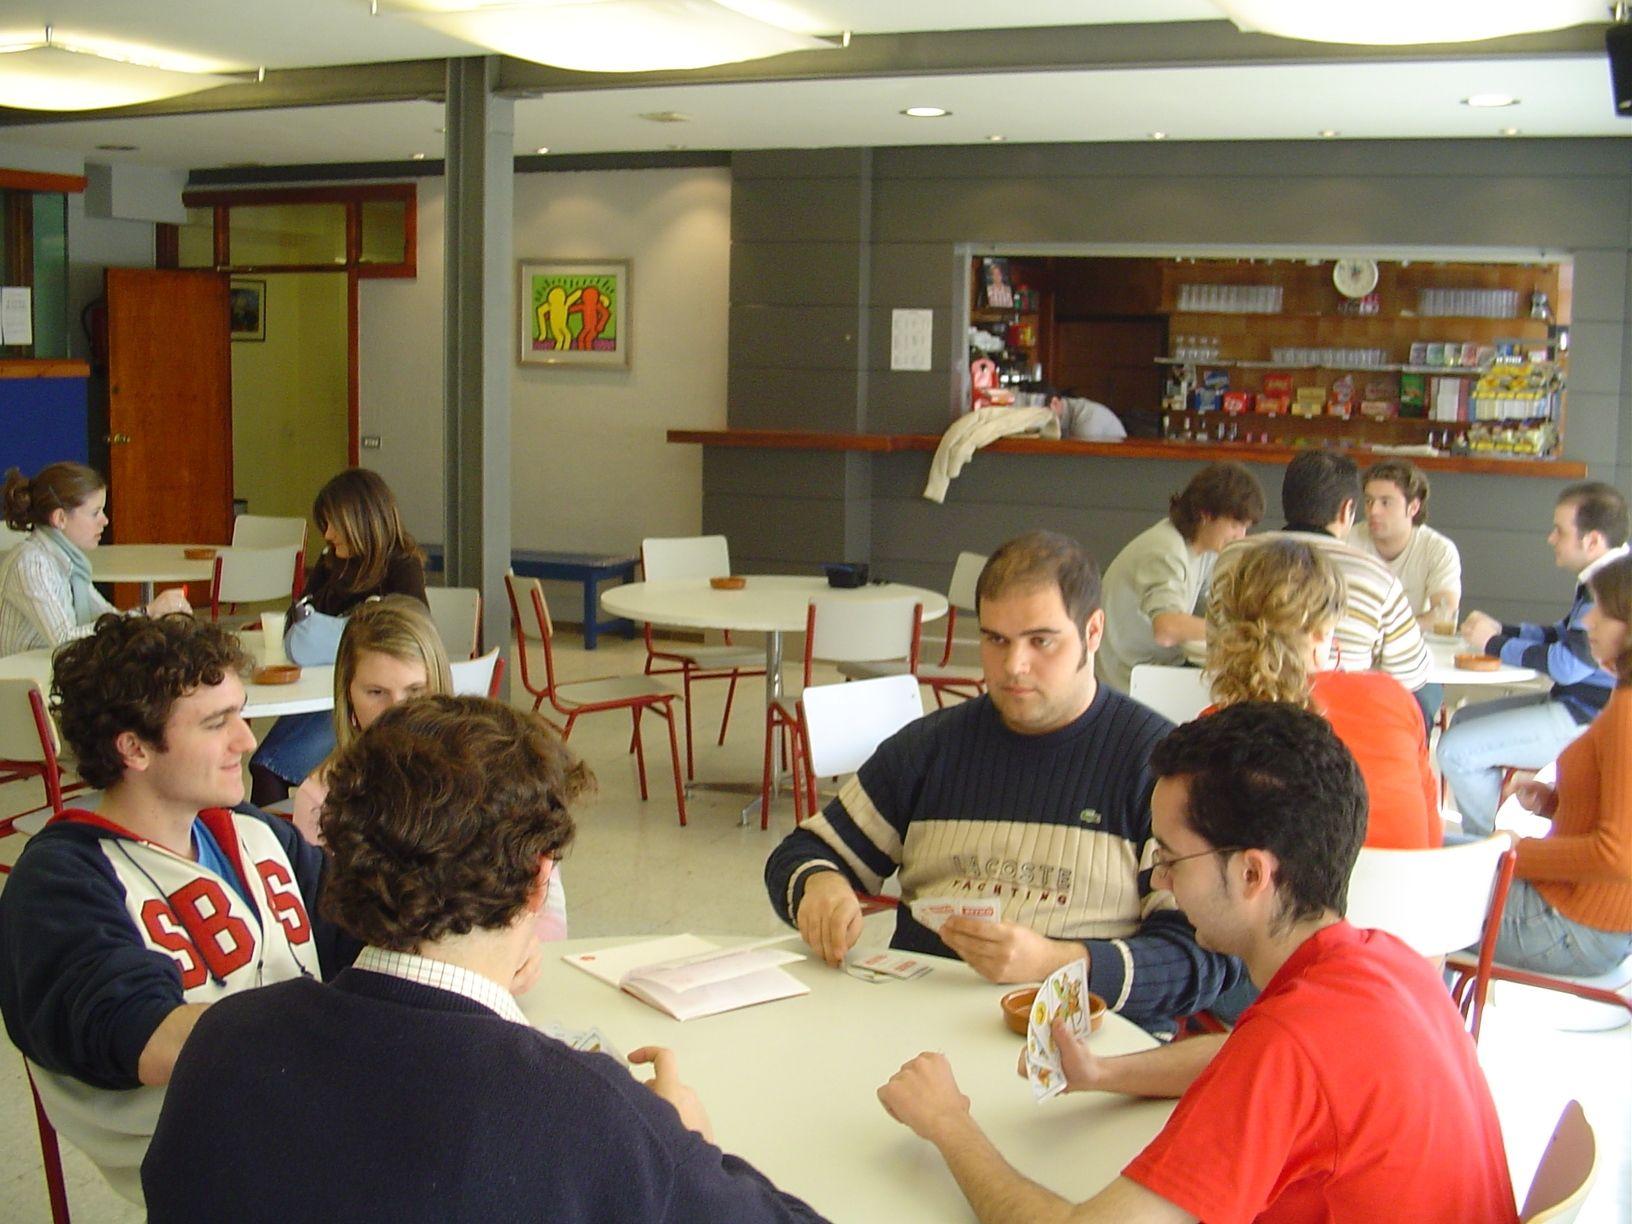 CAFETERÍA: Alojamiento Universitario de Colegio Mayor Deusto